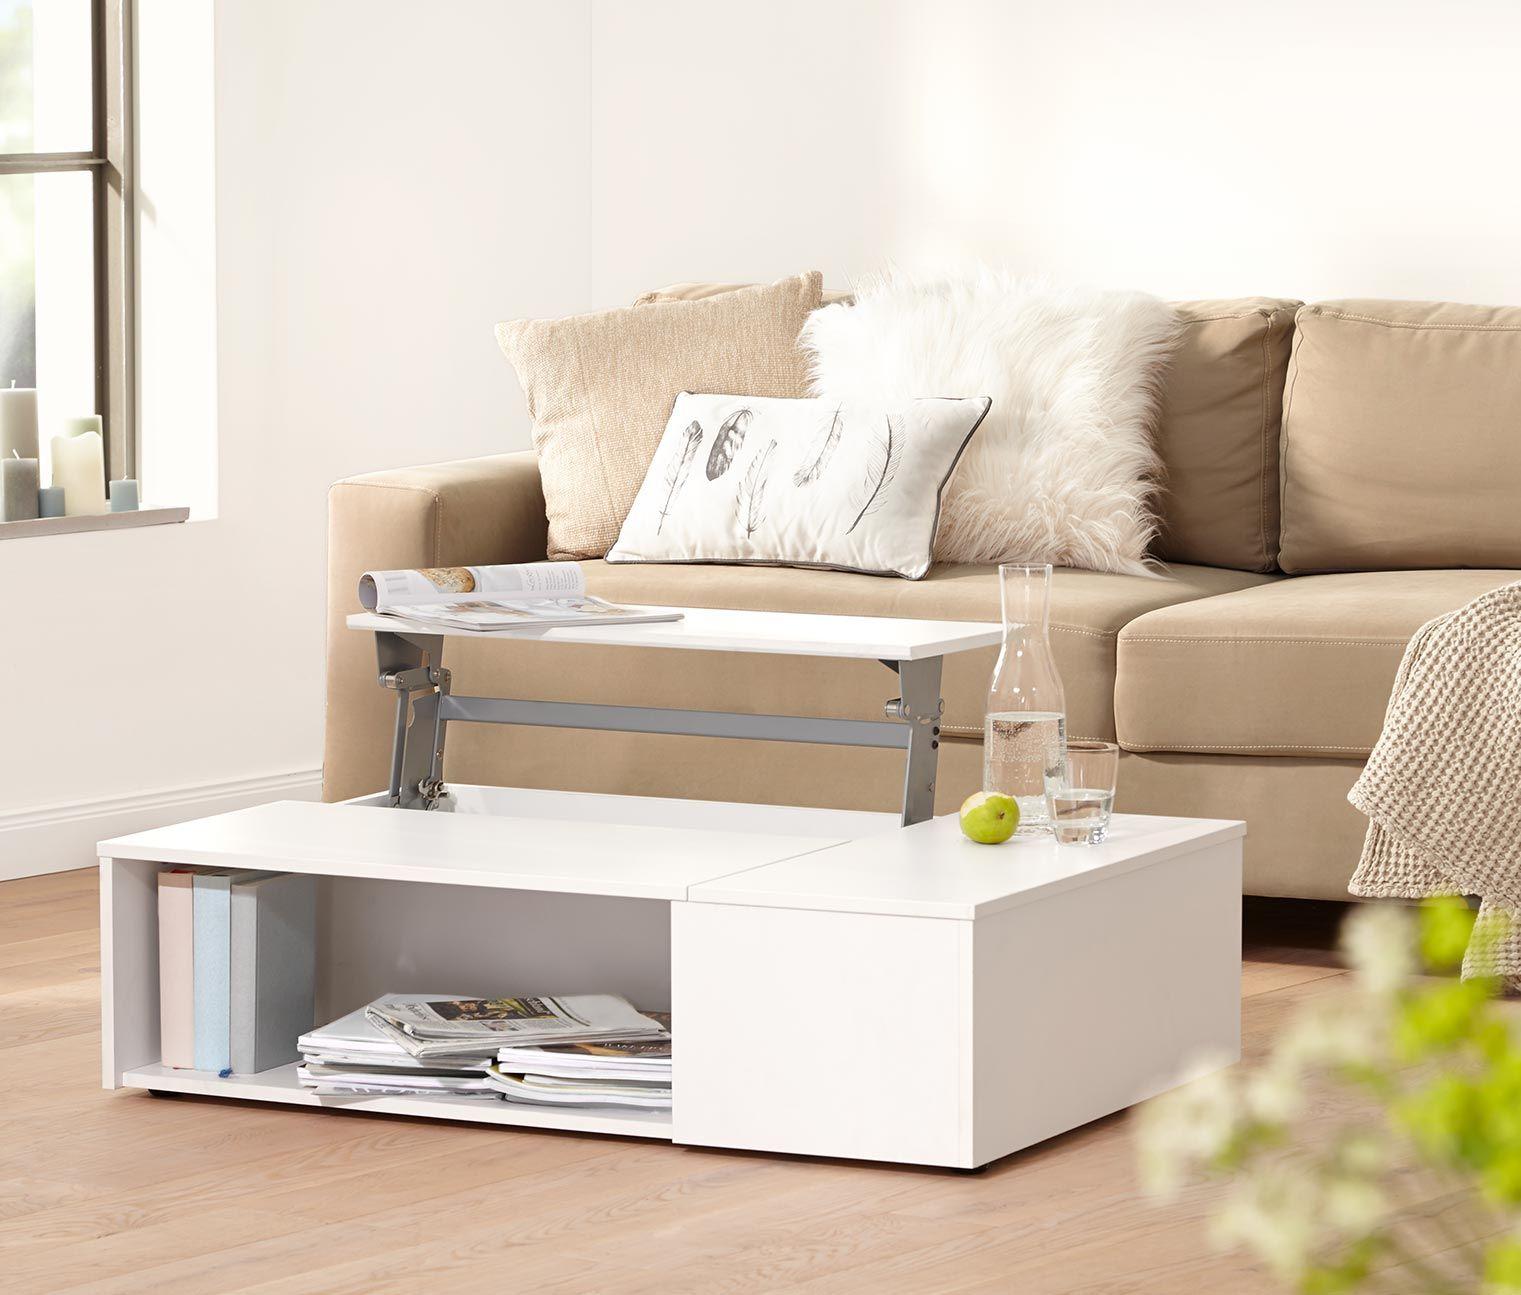 funktions-couchtisch, weiß/eiche | ideen wohnzimmer | pinterest